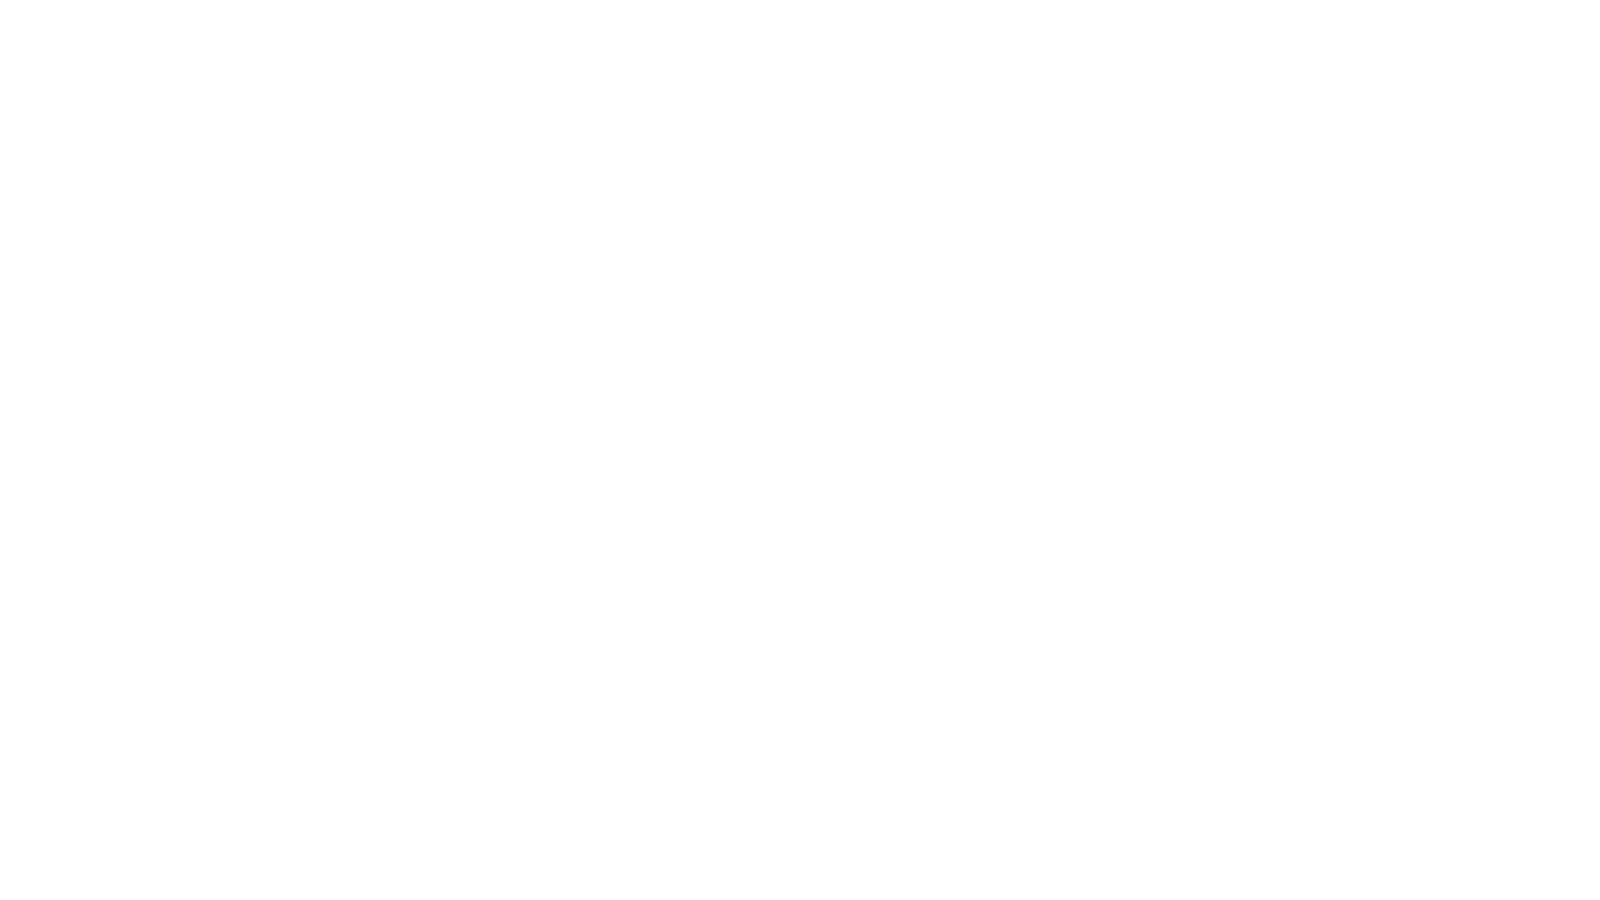 Canal oficial de Antonio Escohotado. El escritor ha publicado multitud de obras sobre filosofía, sociología e historia – nunca como categorías separadas - entre las que destacan Historia general de las drogas (1989), Caos y Orden (1999) o la trilogía Los Enemigos del Comercio (con su primer volumen publicado en 2008). Últimamente ha publicado también Mi ibiza privada y Los hitos del sentido, y es colaborador de La Galerna y el diario El Liberal. TODA SU OBRA, DISPONIBLE EN: WWW.LAEMBOSCADURA.COM